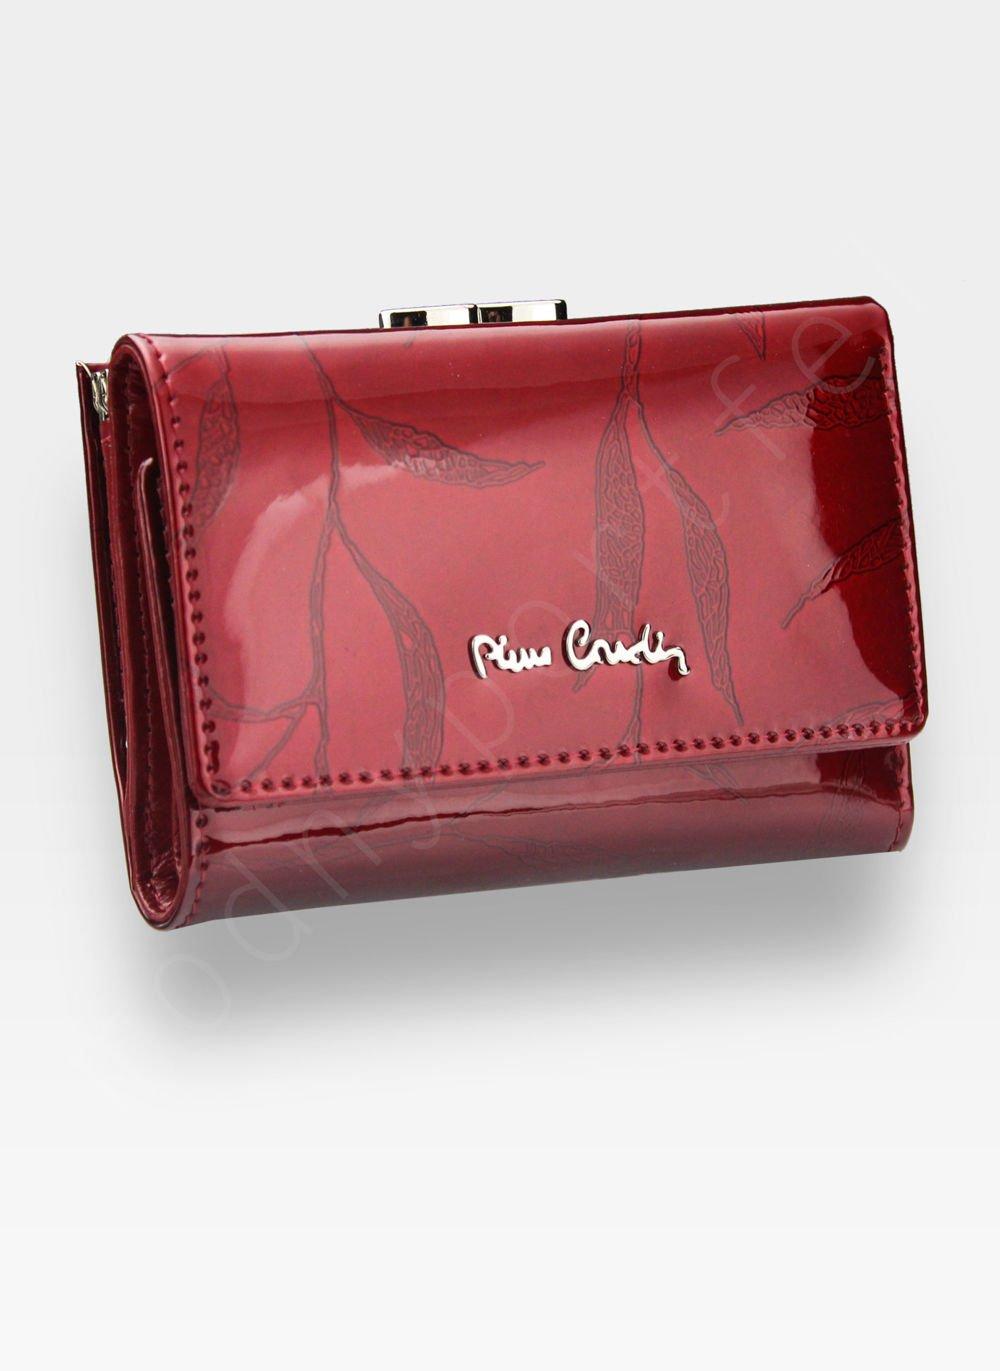 3b2c4e65332ec ... Portfel Damski Pierre Cardin Skórzany Czerwony w Liście 117 Kliknij